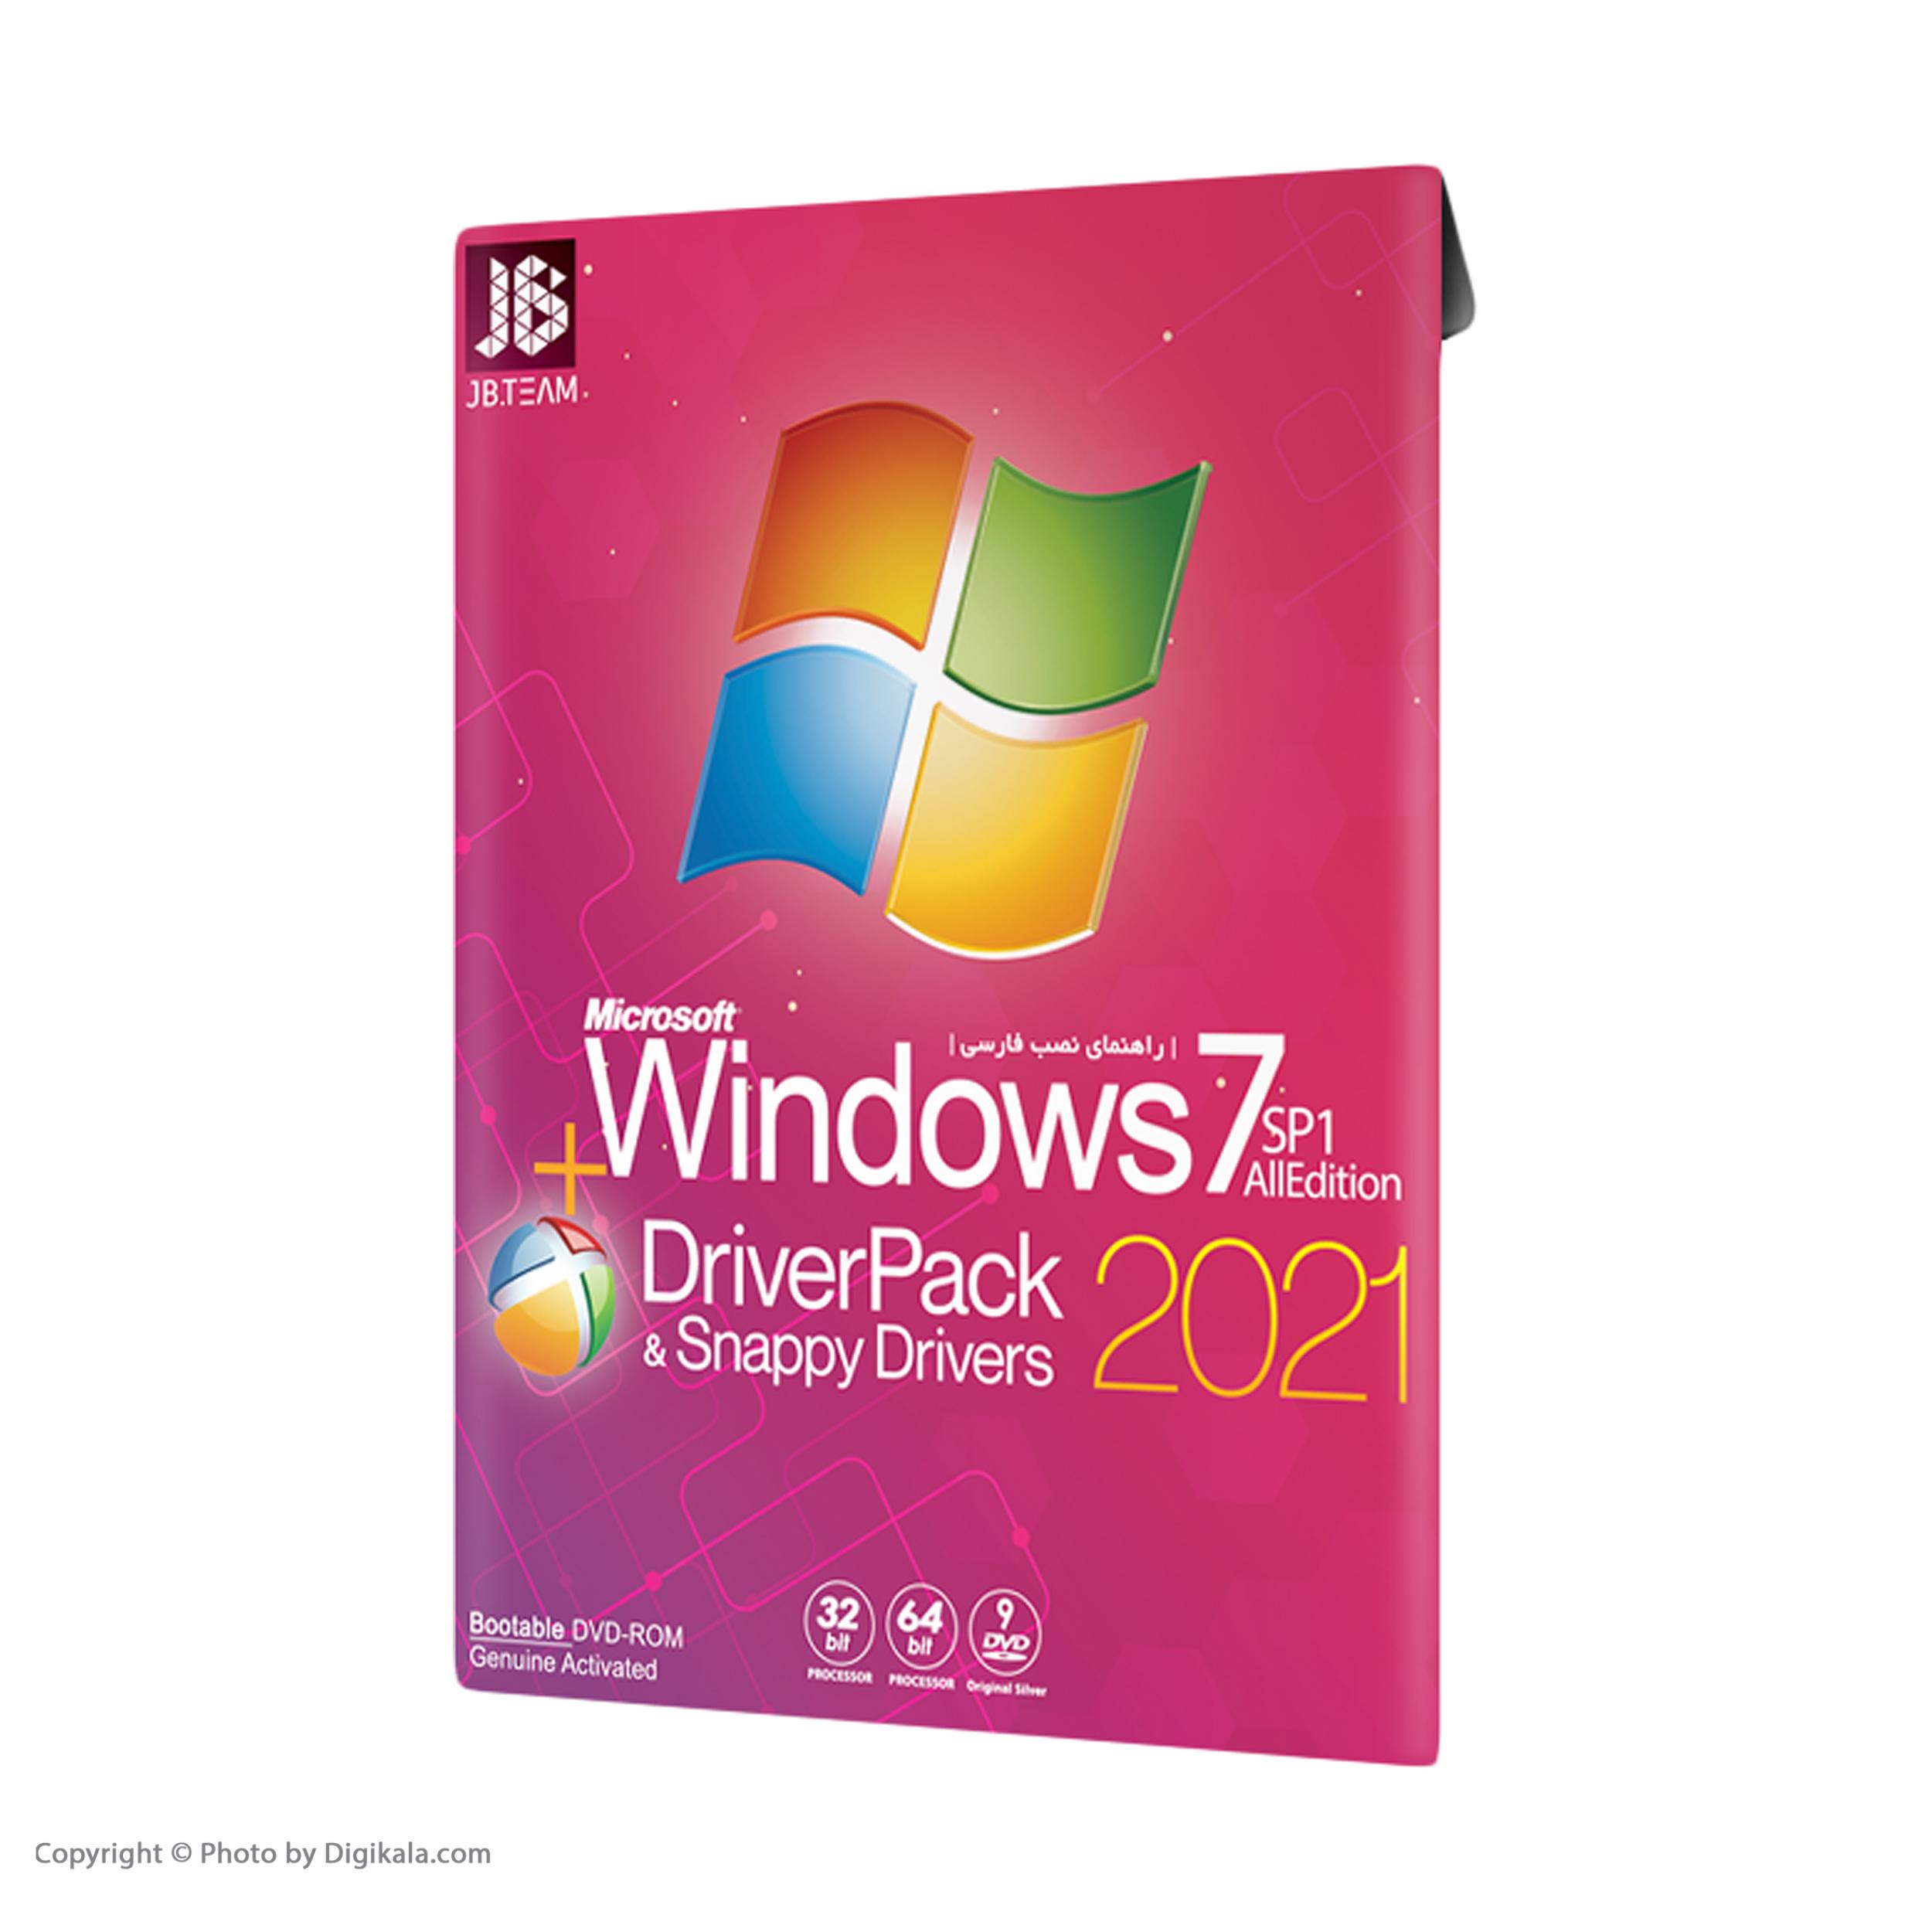 سيستم عامل Windows 7 + Driver Pack Solution 2021 نشر جي بي تيم